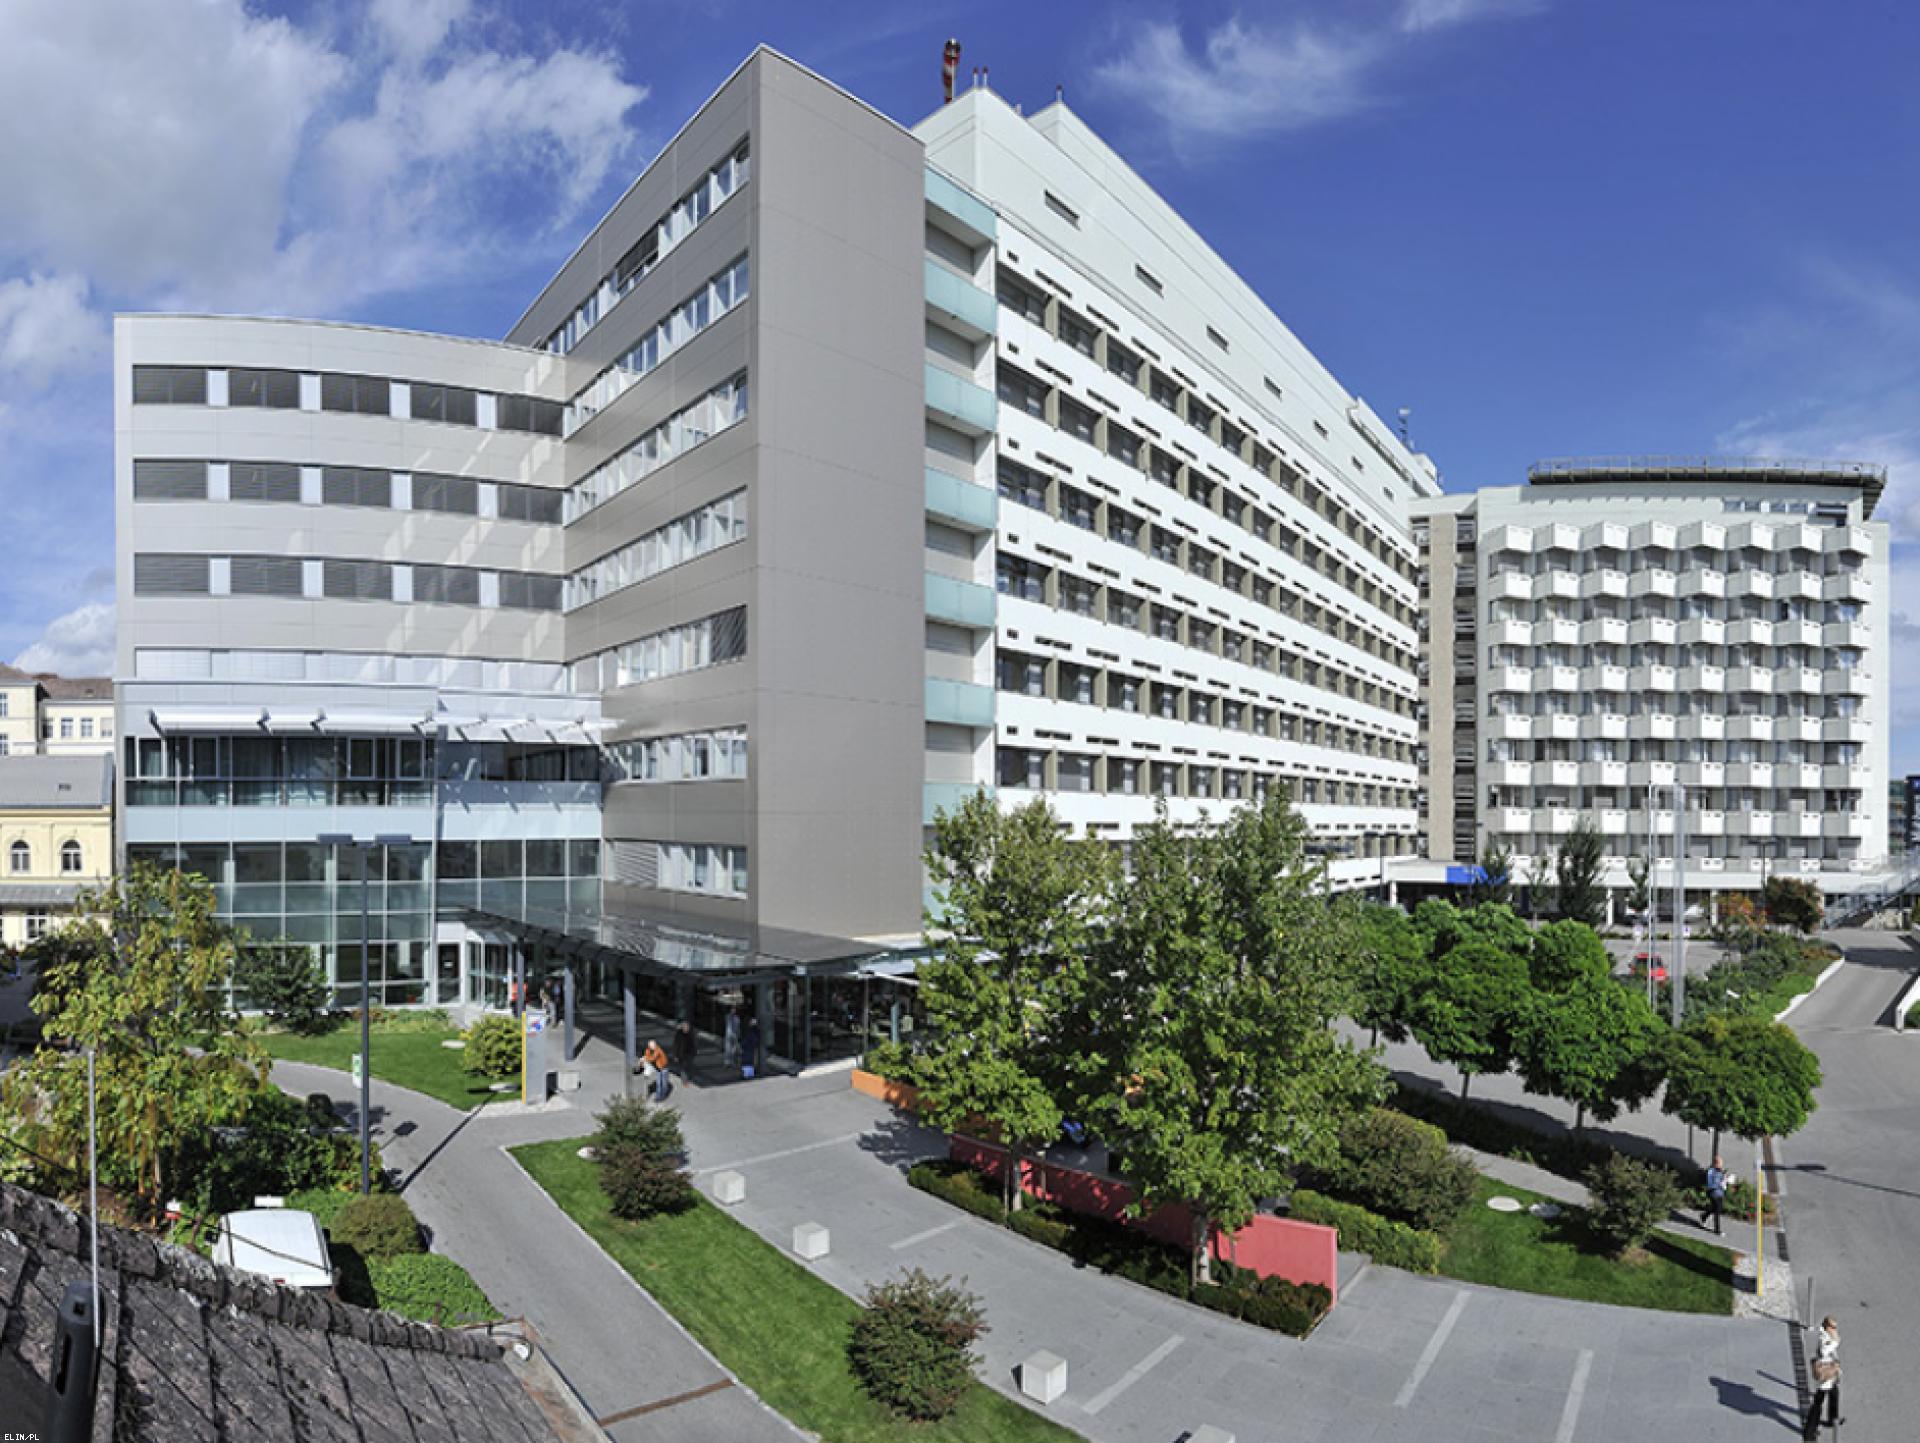 Mood-Image ELIN Referenz: Universitätsklinikum St. Pölten / Schutz-und Leittechnik, Mittelspannungsschaltanlage, Mittelspannungstrafos